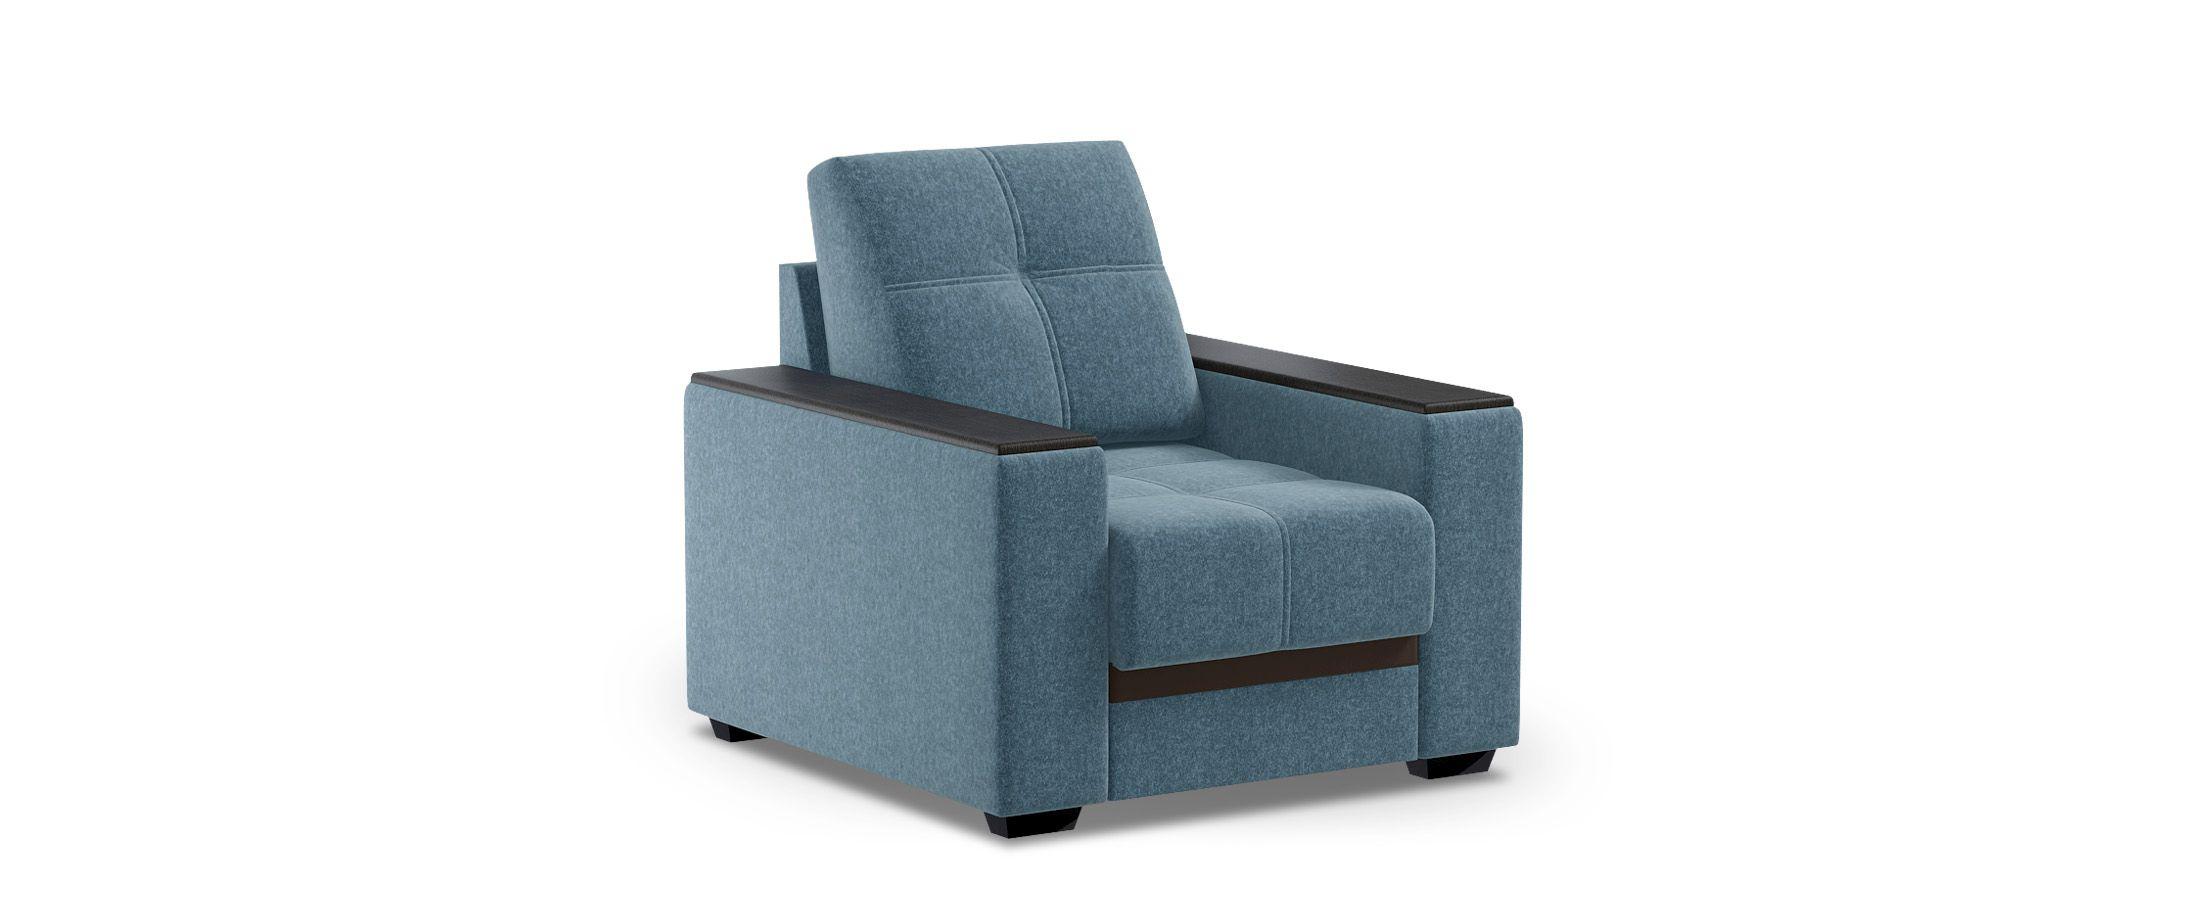 Кресло тканевое Атланта 066Купить синее кресло Атланта. Материал обивки - велюр, экокожа. Подлокотники цвета венге. Габариты 91х98х90 см. Доставим от 1 дня, поднимем и соберём.<br><br>Ширина см: 91<br>Глубина см: 98<br>Высота см: 90<br>Основание: Металлическое<br>Мягкий настил: ППУ<br>Механизм: Без механизма<br>Цвет декора: Венге<br>Цвет: Синий<br>Материал: Велюр, Экокожа